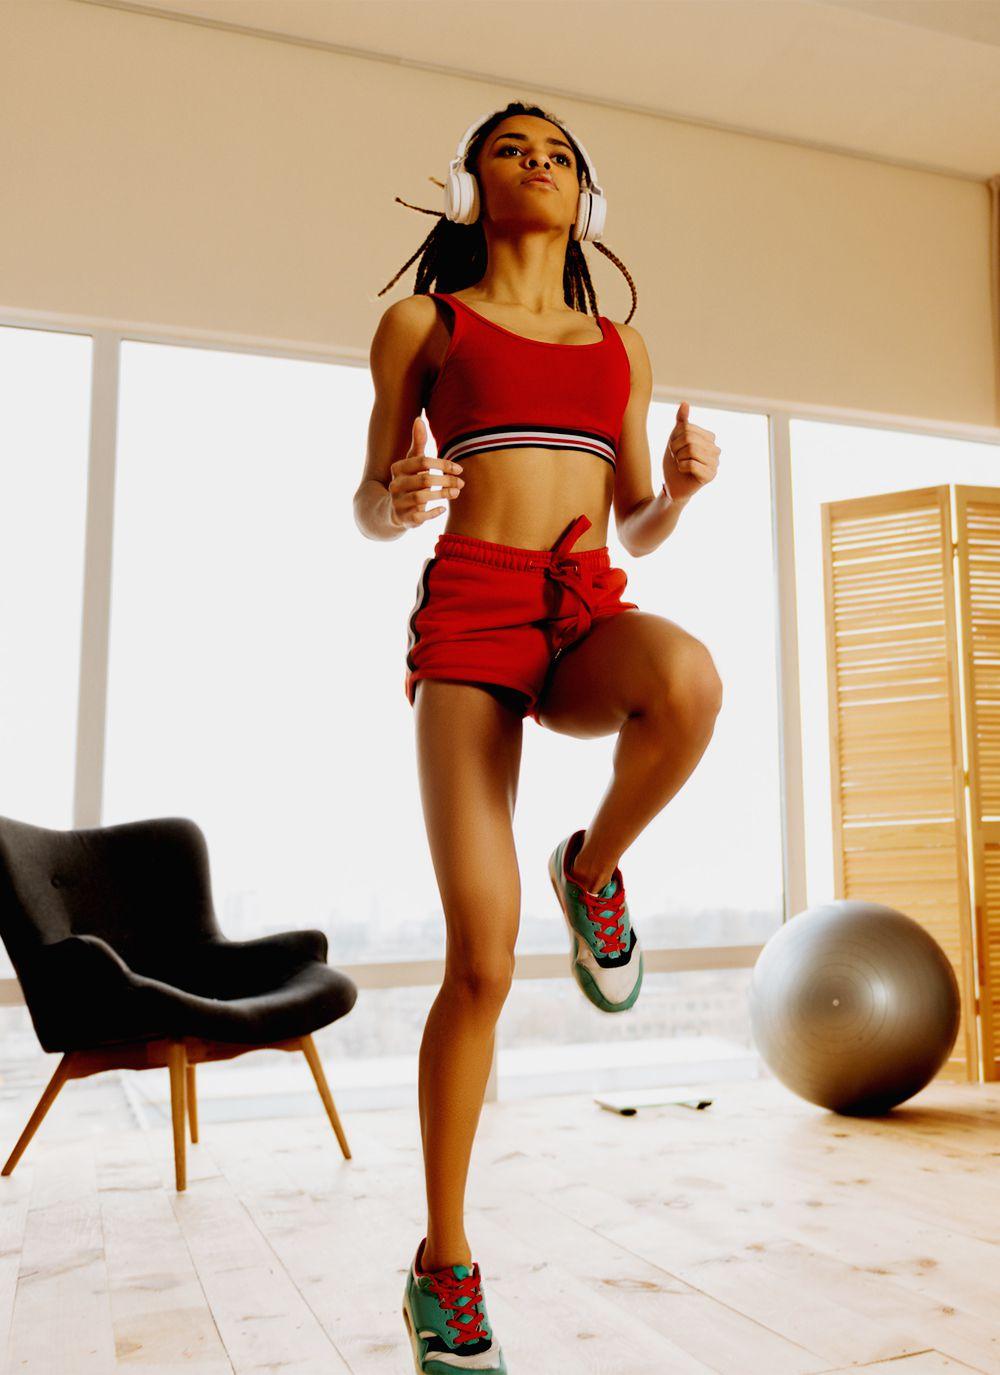 black femme doing morning workout inside